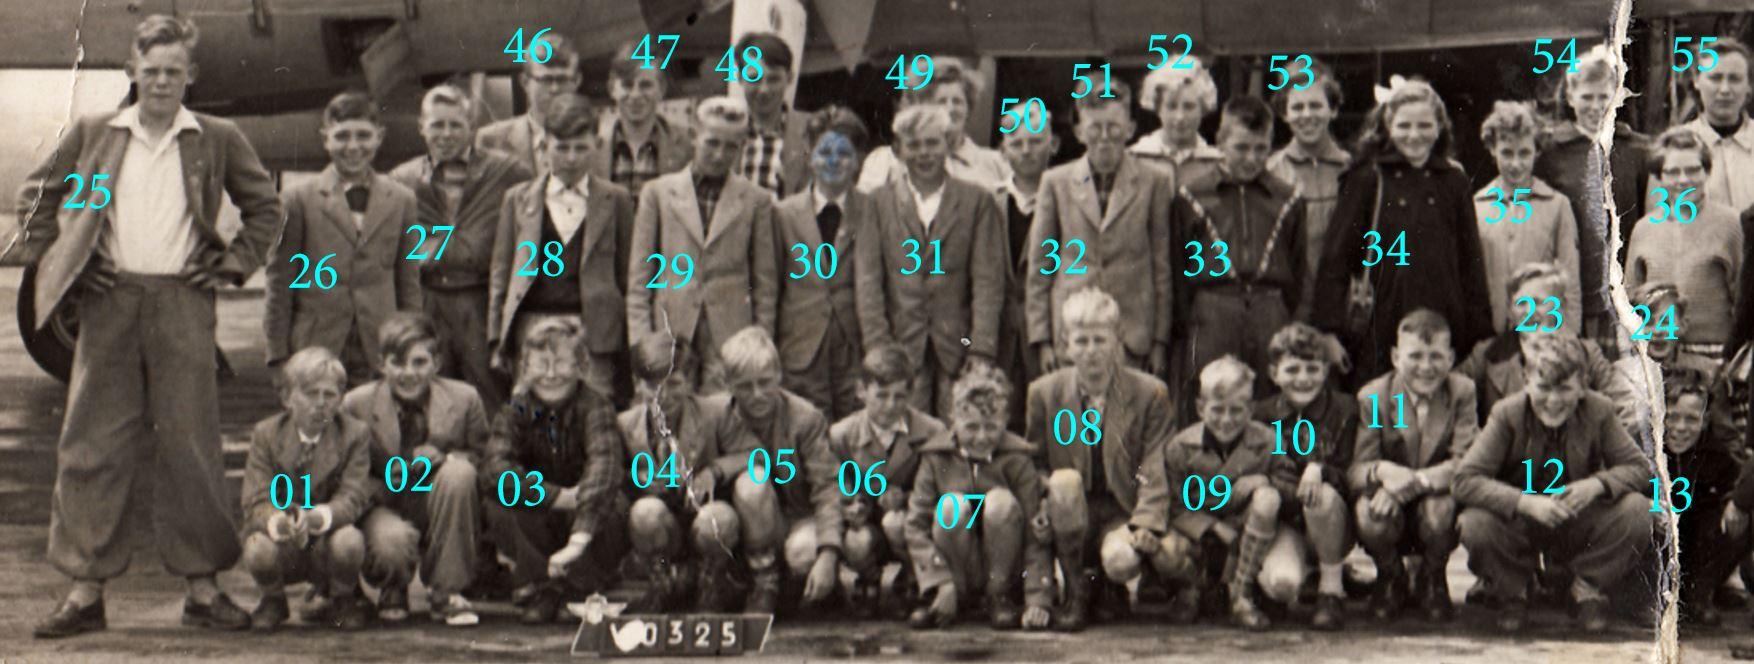 schoolreisje-openebare-lagere-school-ca-1955-nummers-01